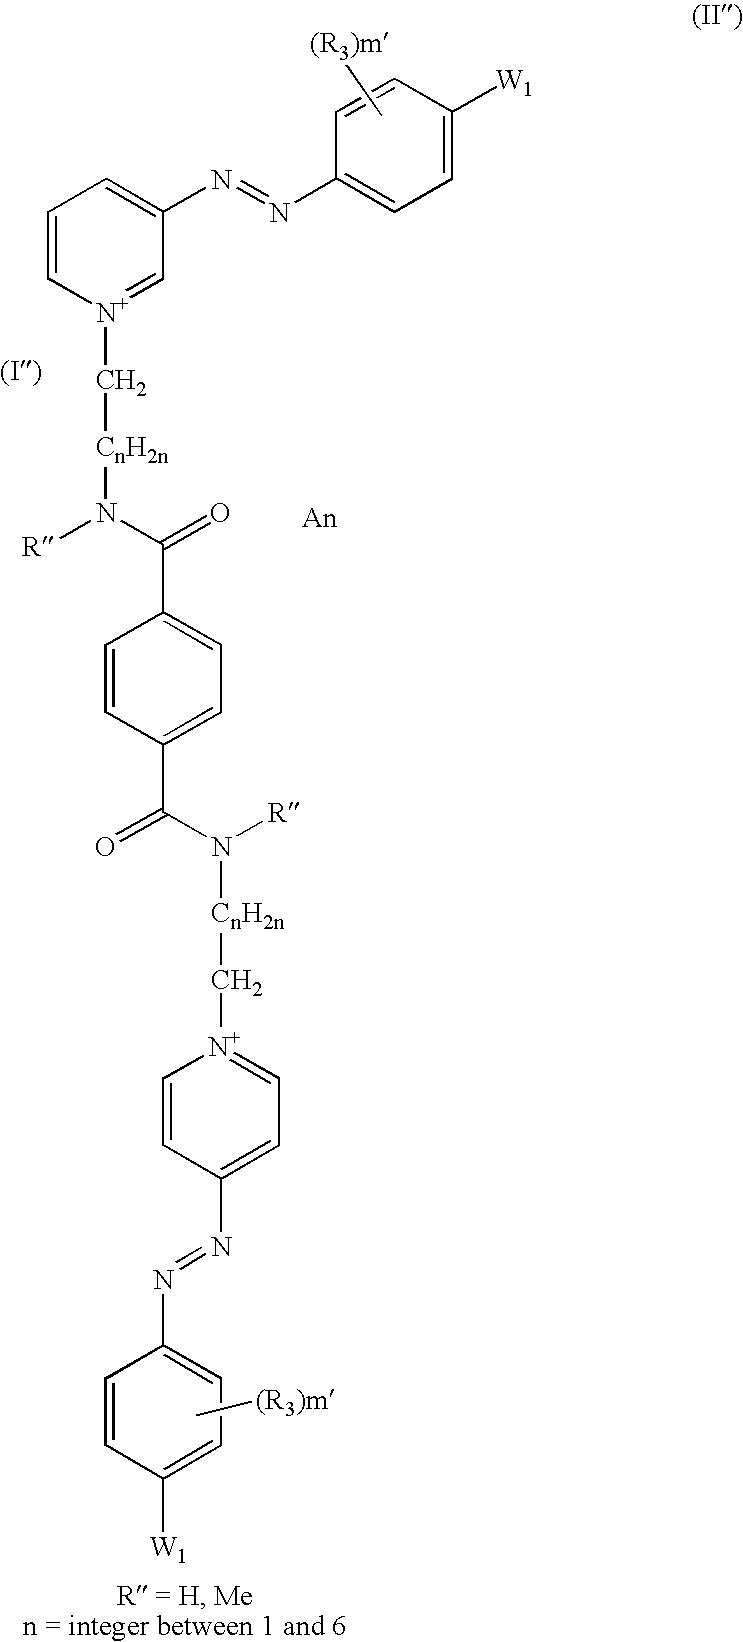 Figure US07288639-20071030-C00030